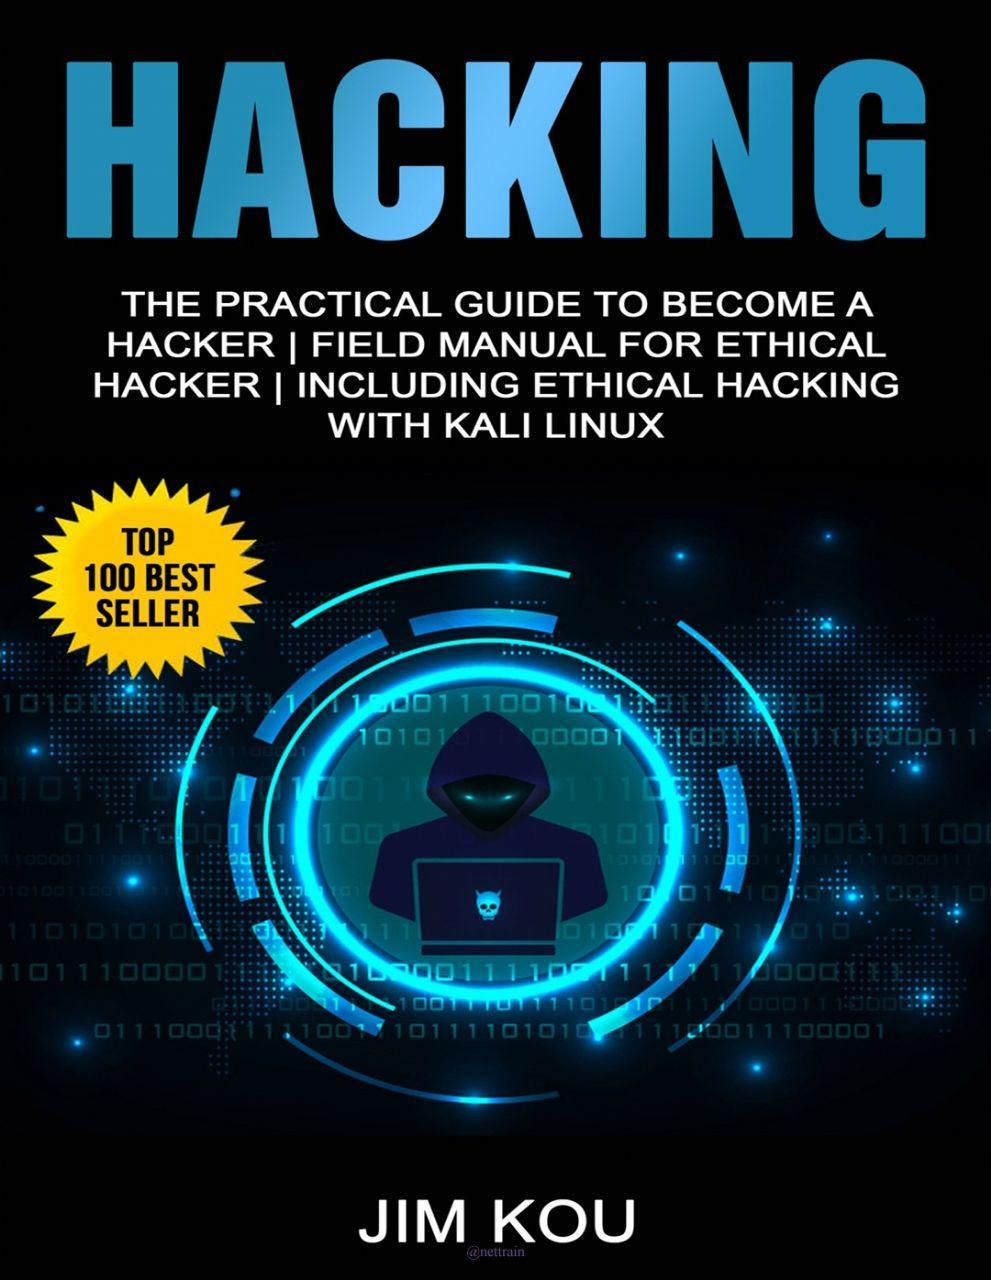 دانلود کتاب Hacking